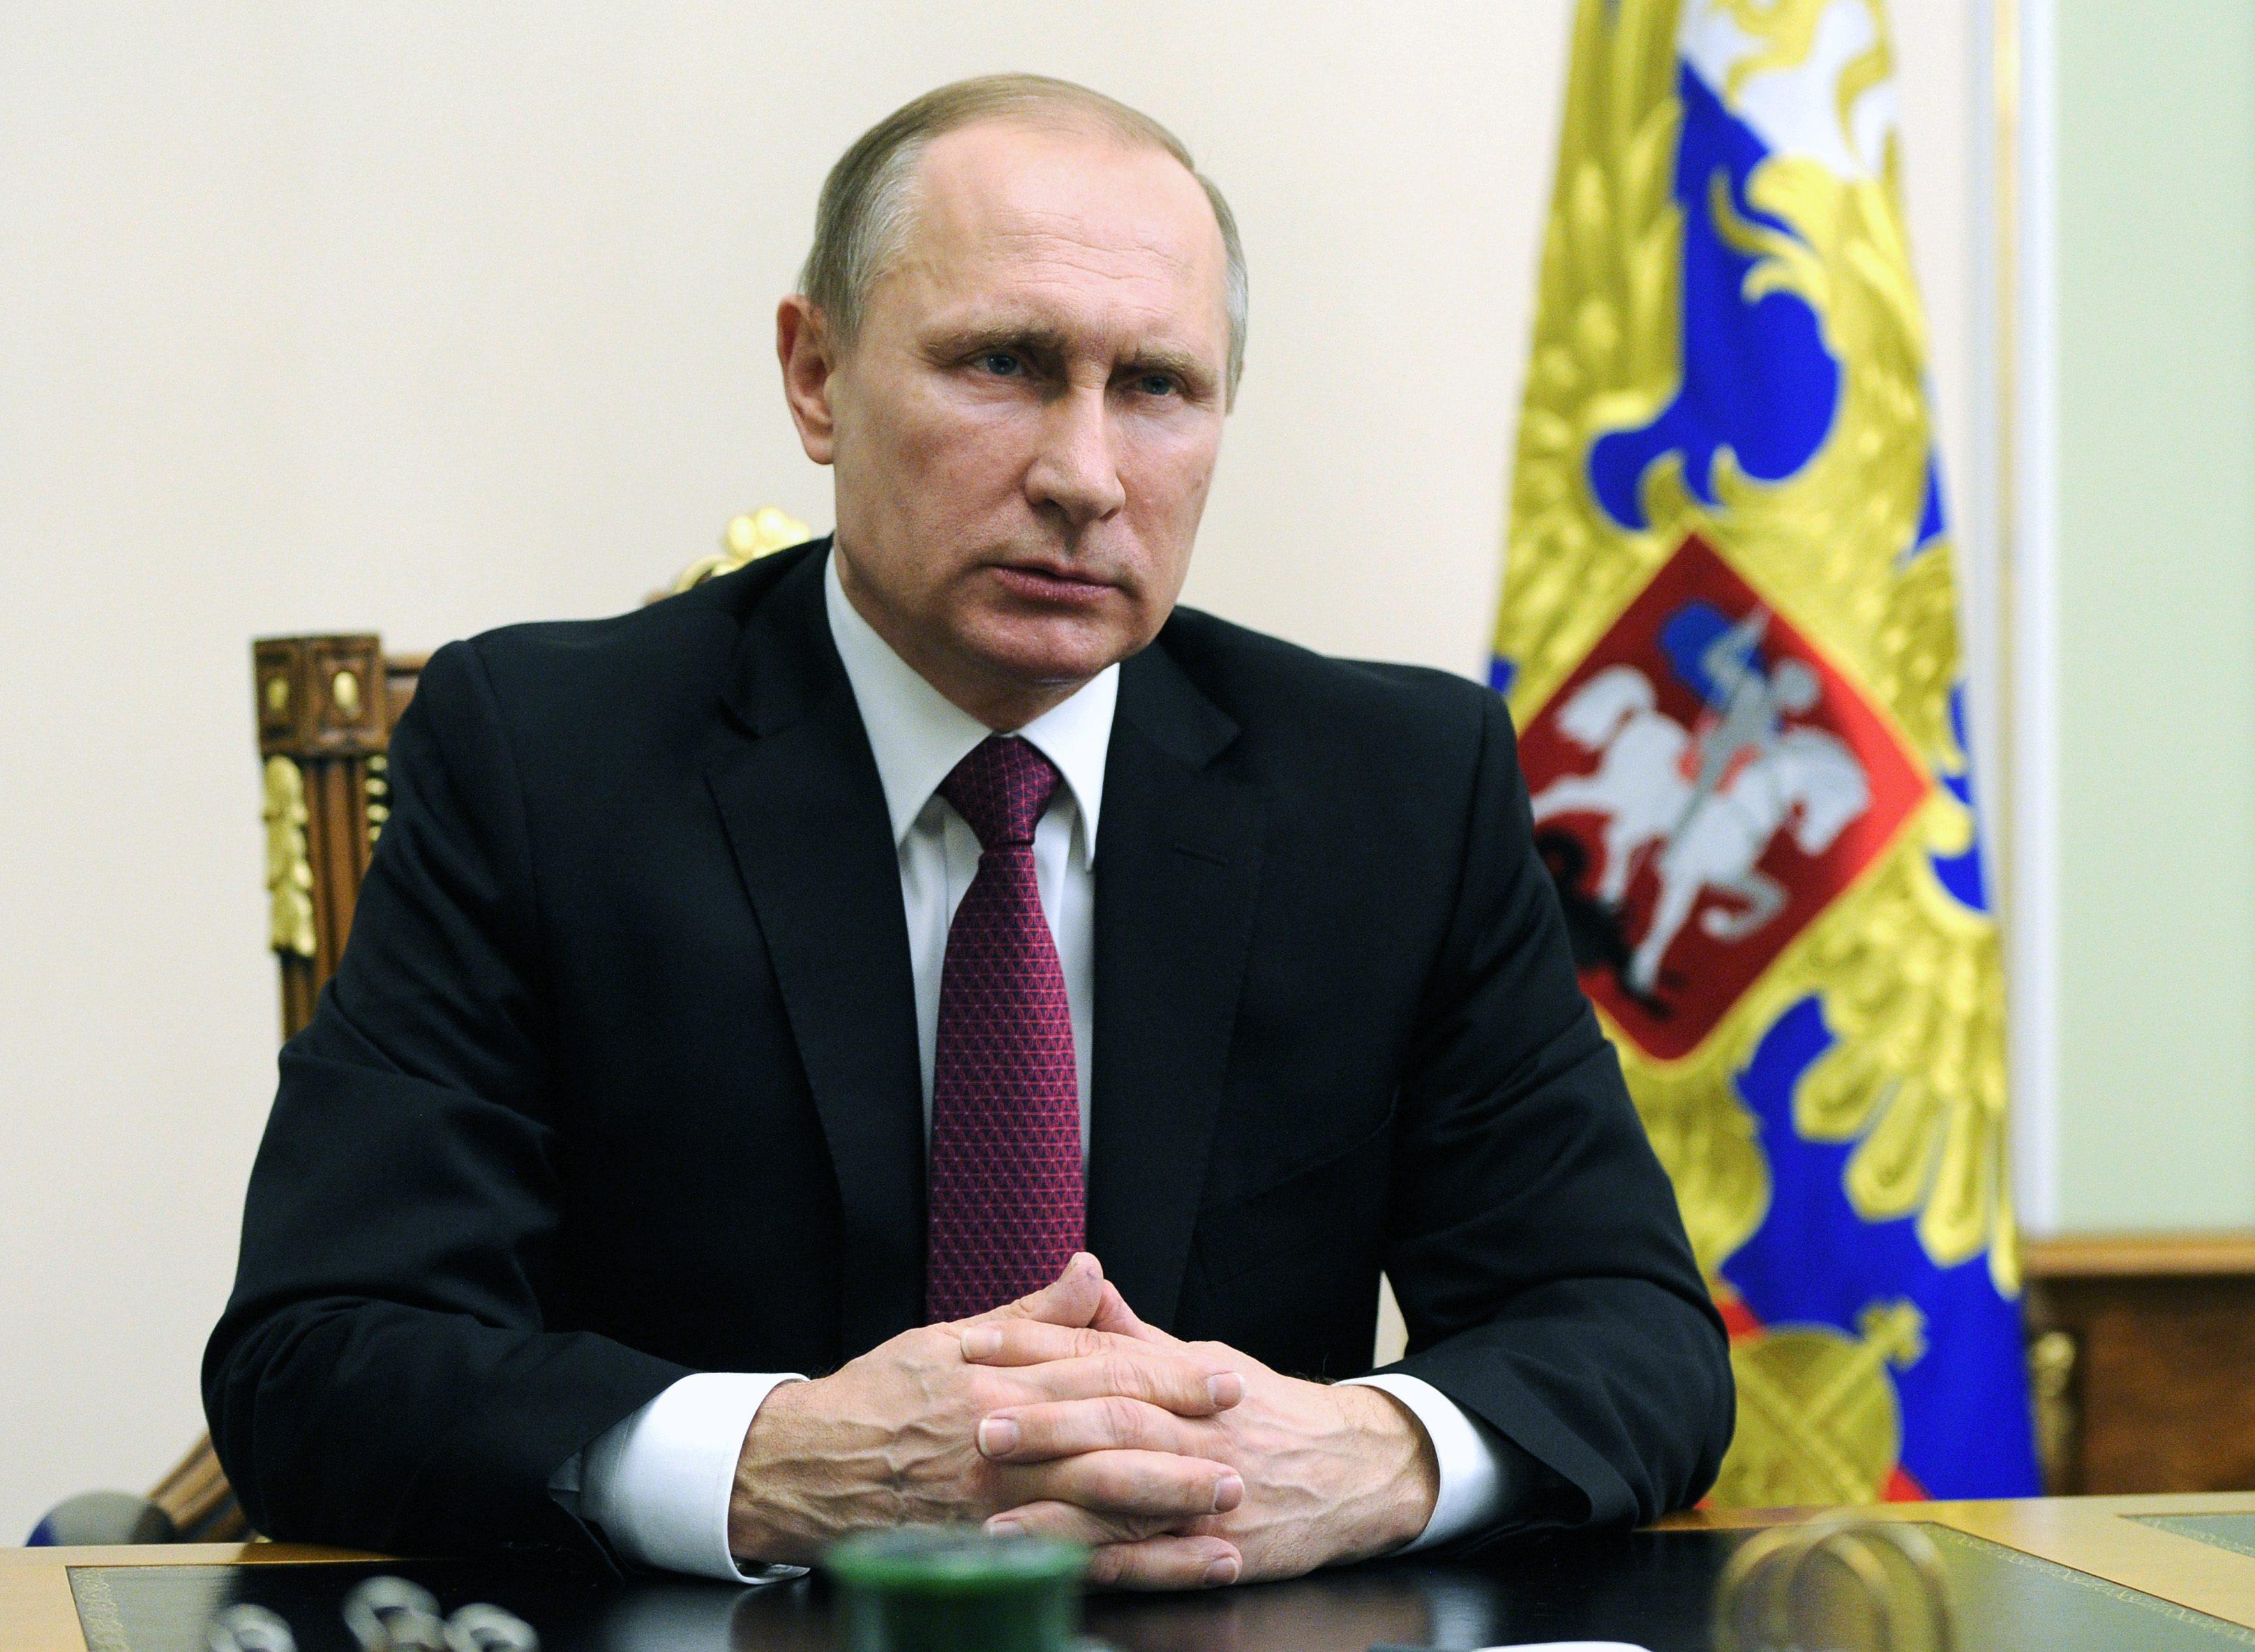 MOS03- MOSCÚ (RUSIA), 22/02/2016.- El presidente ruso, Vladímir Putin, habla en una emisión de televisión hoy, lunes 22 de febrero de 2016, en Moscú, donde dijo que Rusia hará todo lo posible para garantizar que Damasco respete el acuerdo de alto el fuego alcanzado con EEUU a partir de la medianoche del 27 de febrero, y deseó que la comunidad internacional lo apoye. EFE/MIKHAIL KLIMENTYEV/ POOL